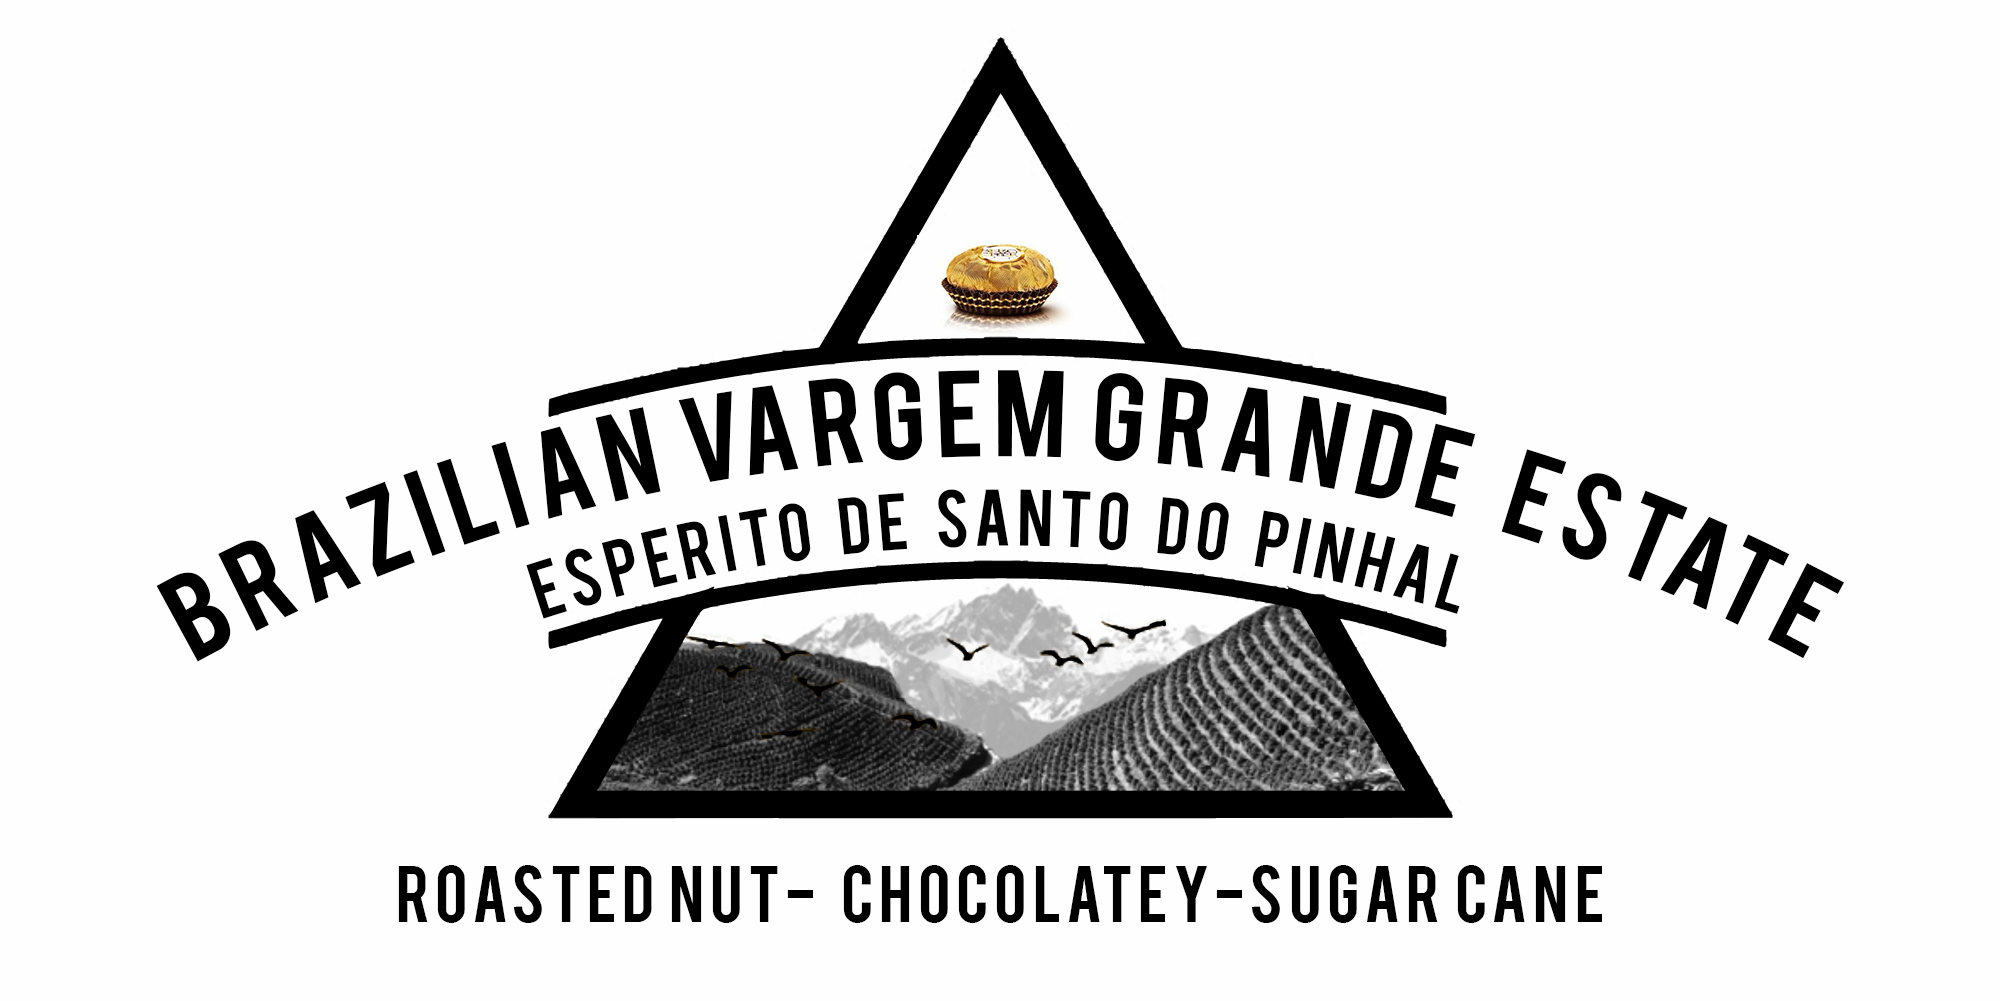 BRAZIL VARGEM GRAND 2021